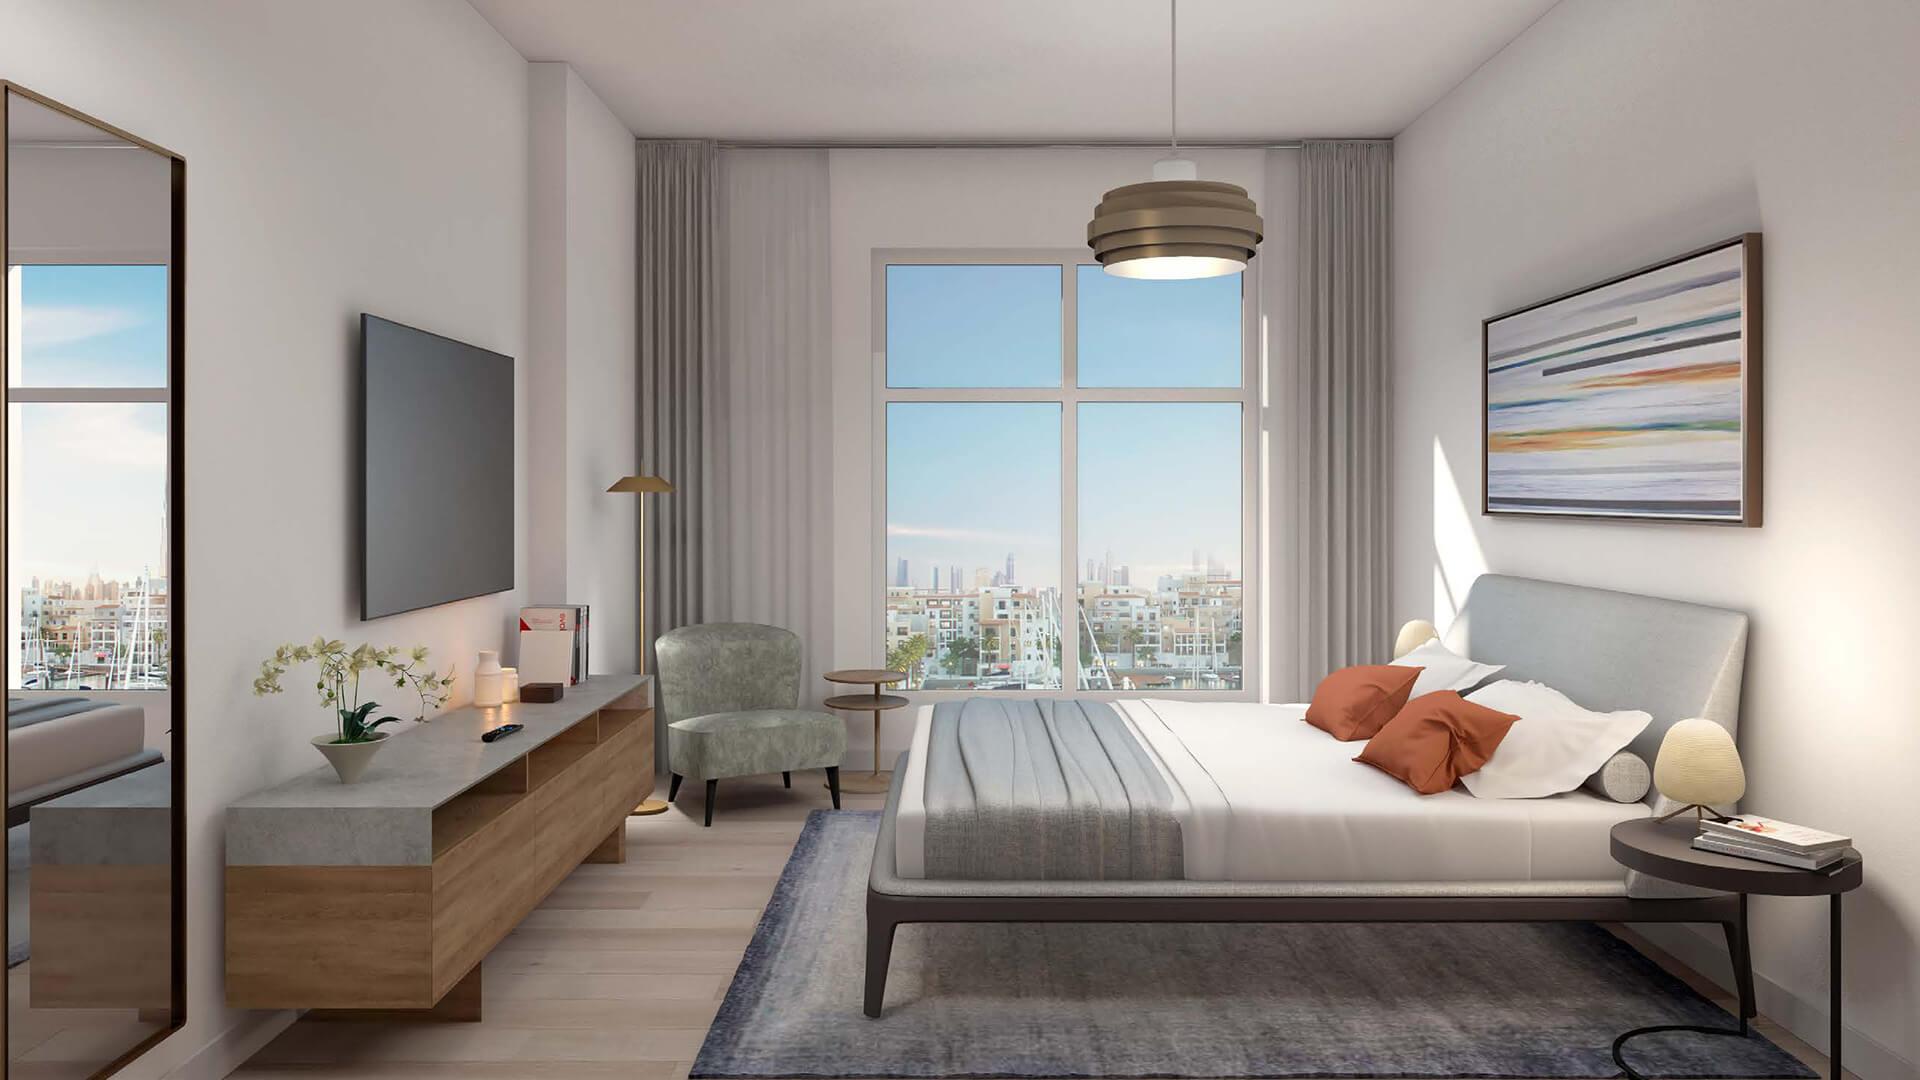 Apartamento en venta en Dubai, EAU, 2 dormitorios, 112 m2, № 23881 – foto 1